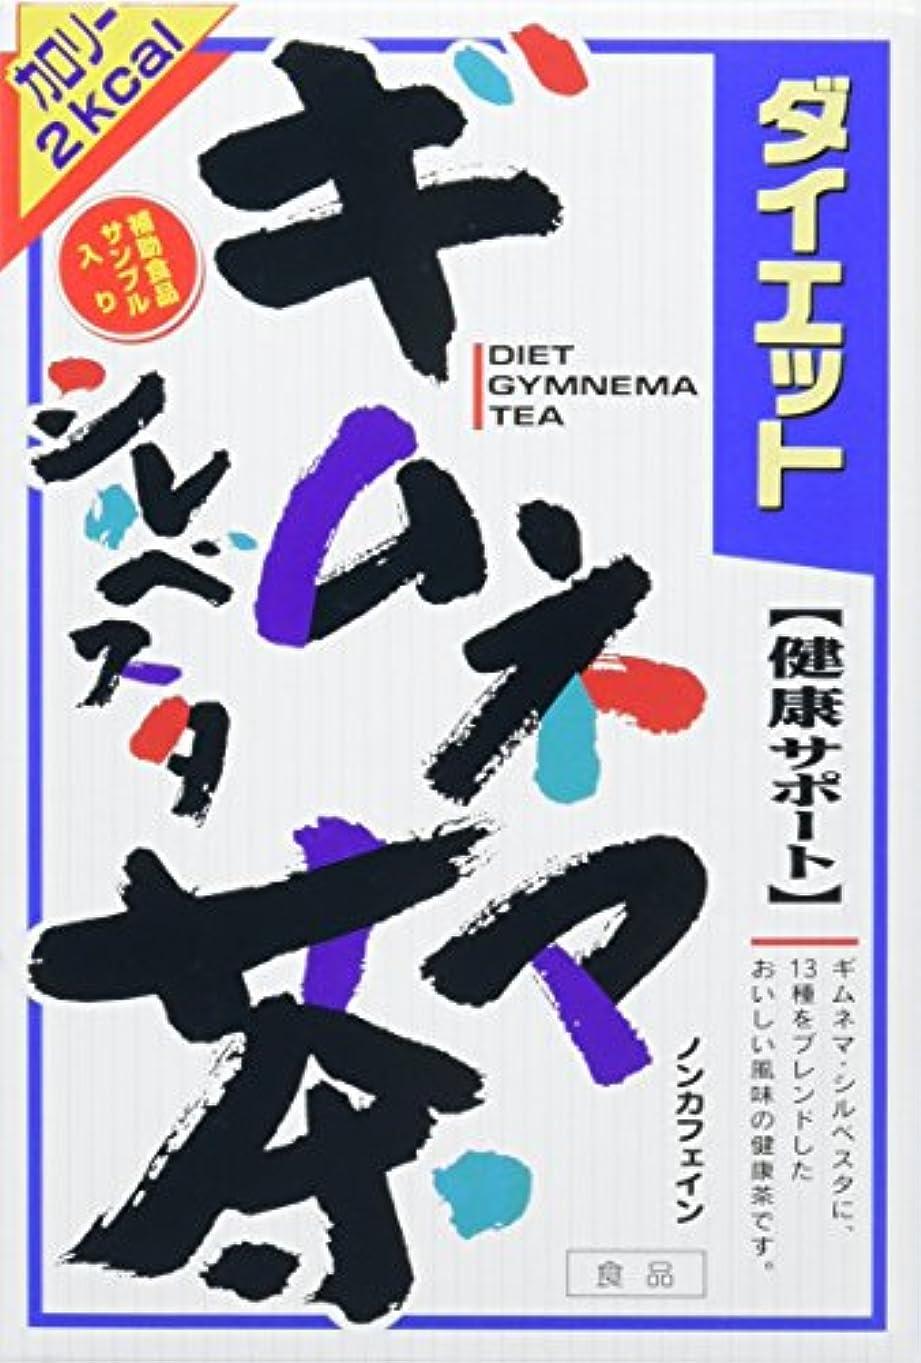 意外拒絶するキャンペーン山本漢方製薬 ダイエットギムネマ茶980 8gX24H